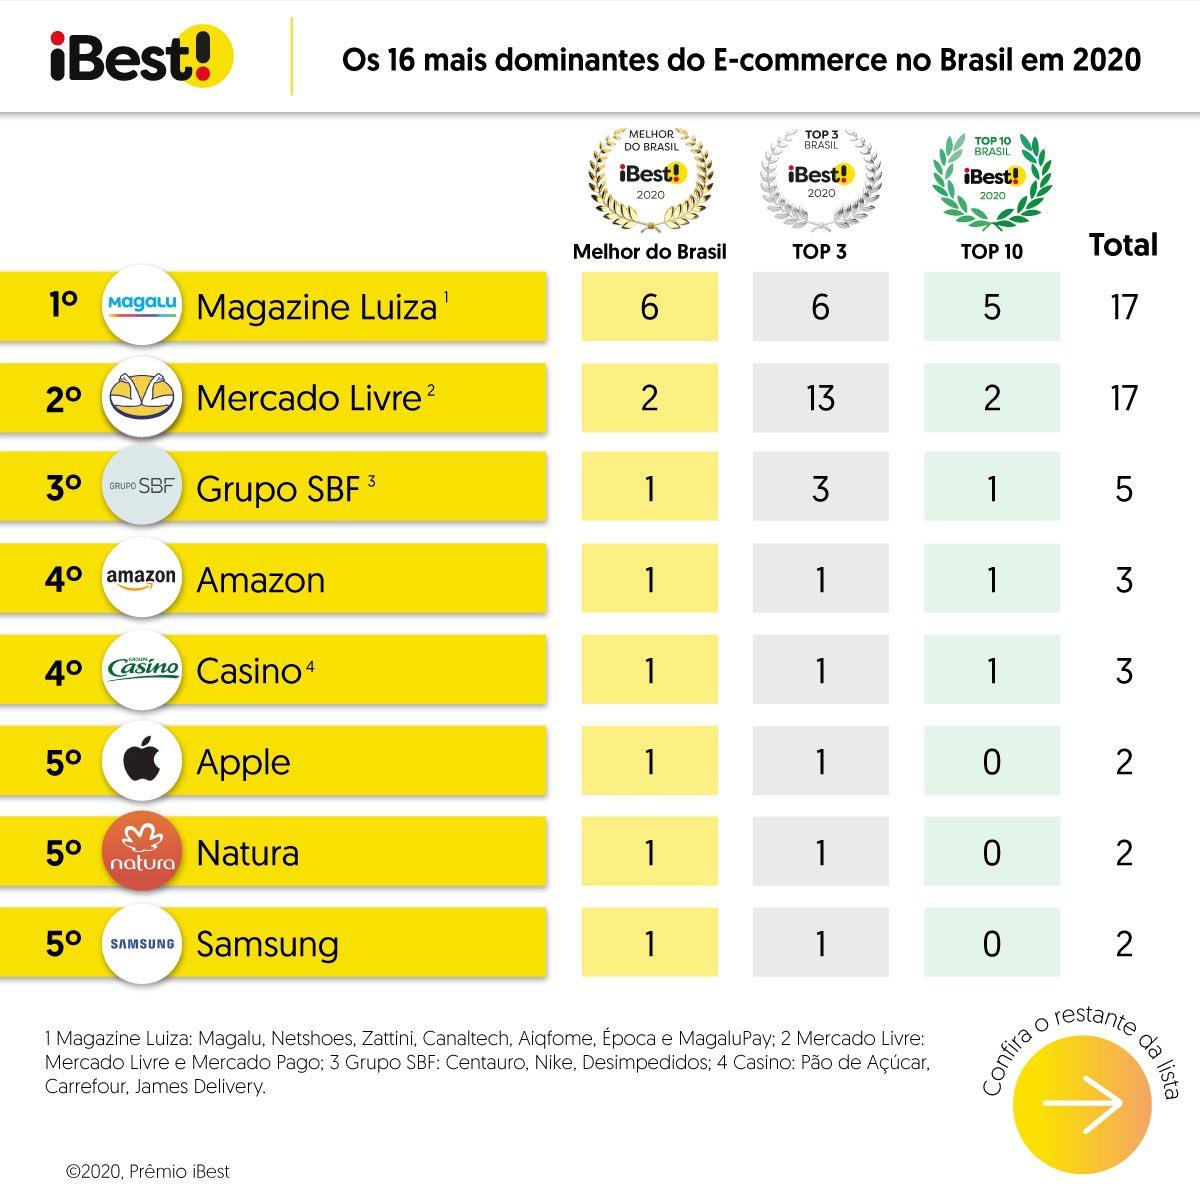 Confira as iniciativas de E-commerce mais dominantes da internet brasileira - aquelas que lideram um maior número de categorias do iBest.  Em E-commerce, o Magazine Luiza consagrou-se como o grupo mais dominante, seguido de Mercado Livre e Grupo SBF.